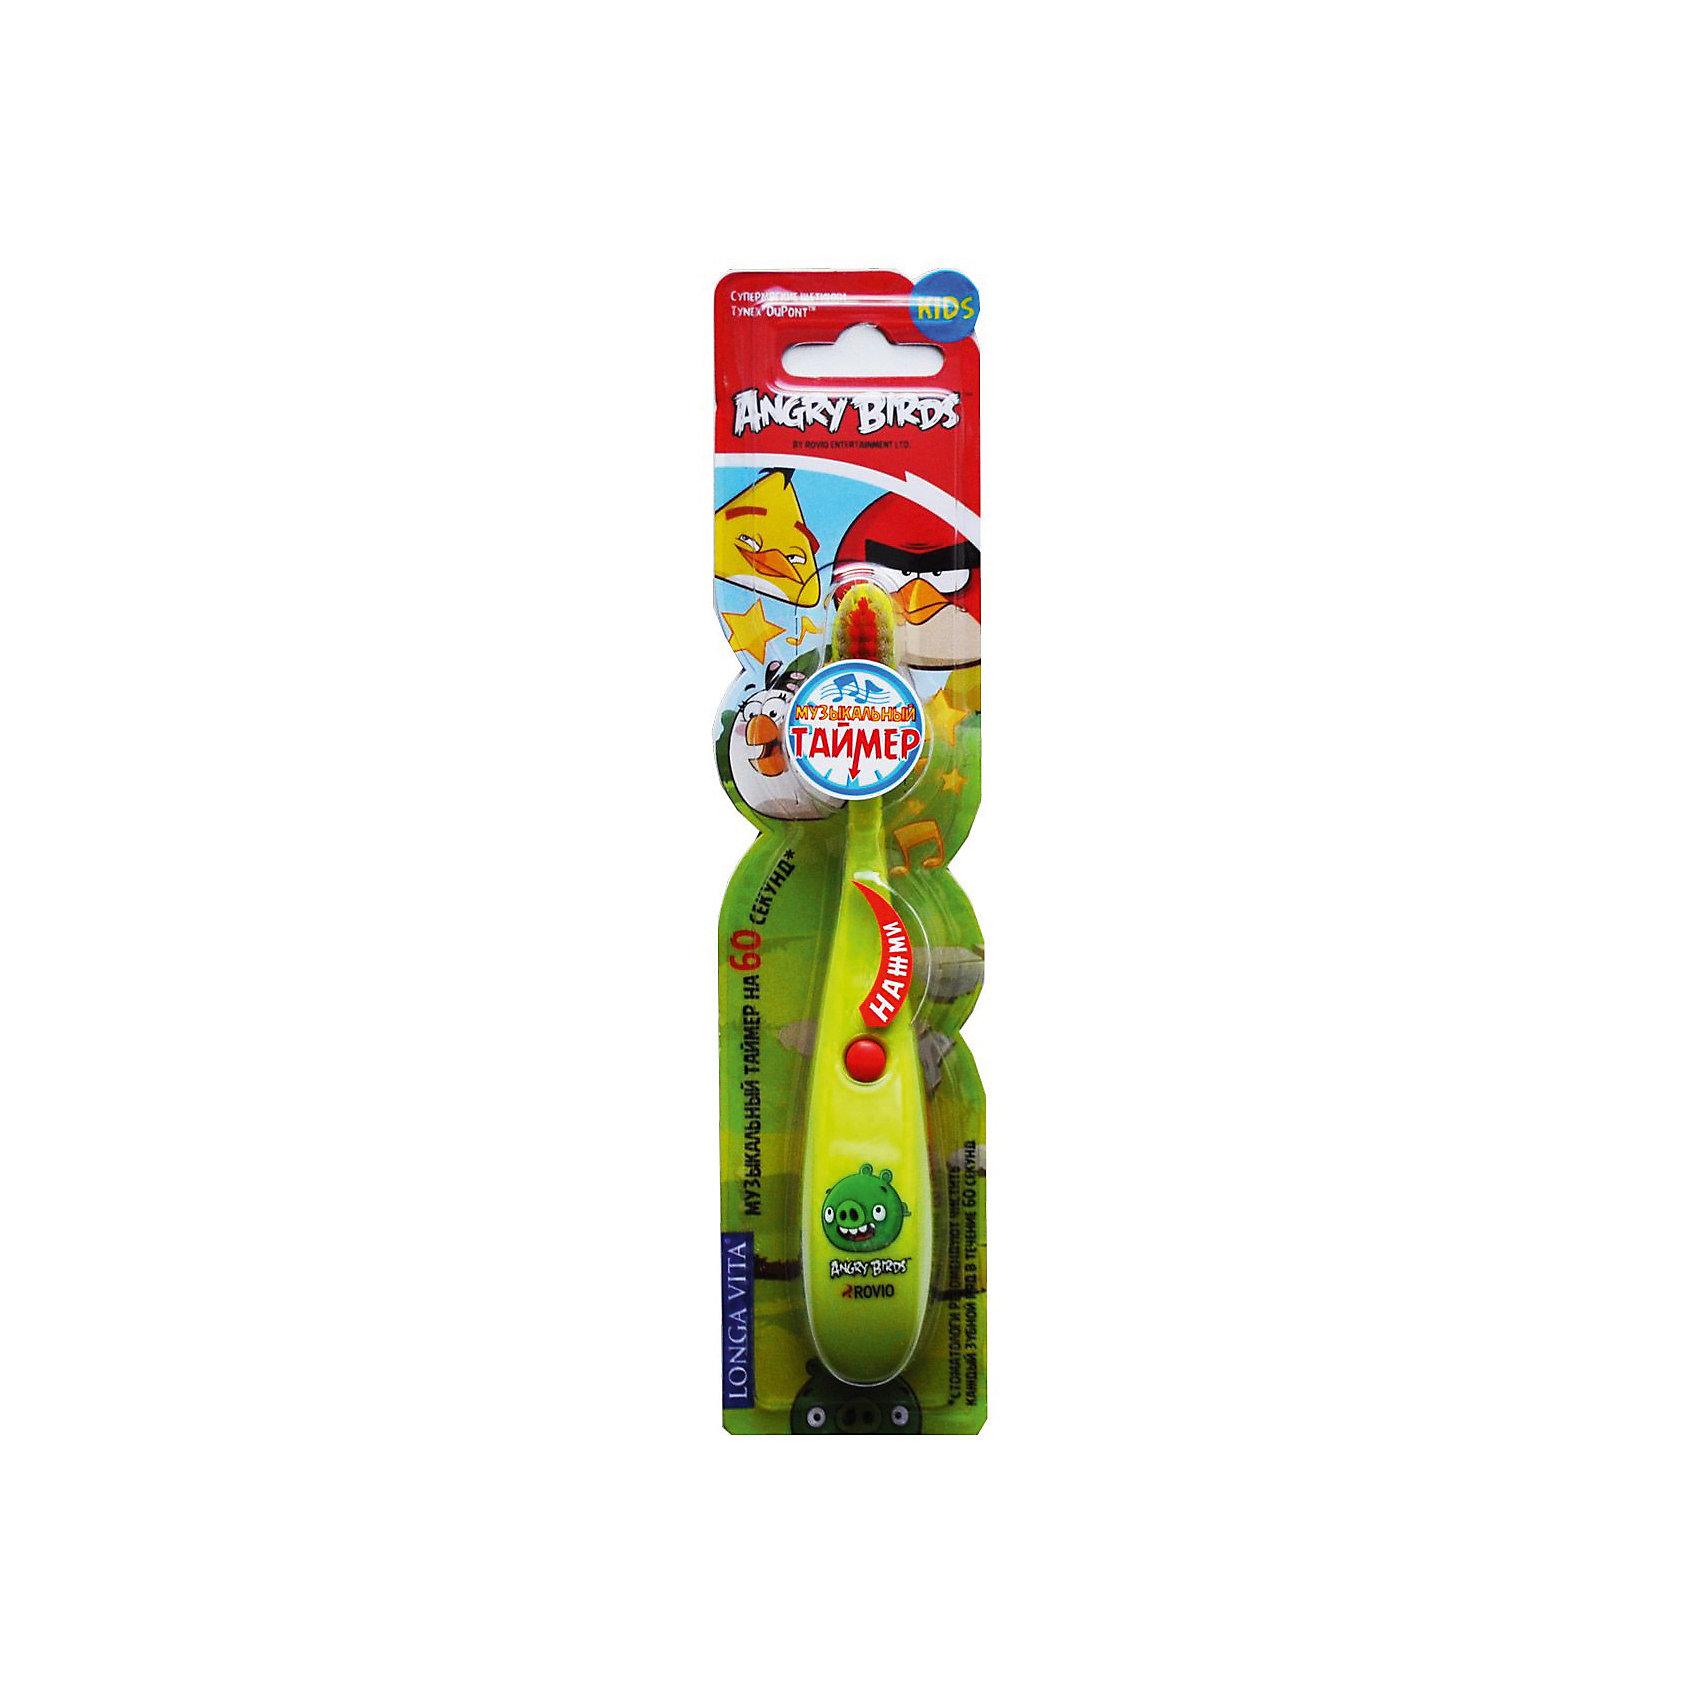 Детская зубная щётка музыкальная, Angry Birds, LONGA VITA, зеленыйДетская музыкальная зубная щётка, Angry Birds, LONGA VITA, зеленая.   <br><br>Характеристика:<br><br>• Материал: пластик, нейлон. <br>• Размер упаковки: 23х6х2 см. <br>• Жесткость: мягкая щетина Tynex DuPont. <br>• Удобная подставка-присоска.<br>• Эргономичная ручка с выступом для большого пальца. <br>• Музыкальный таймер на 60 секунд (минимальное время чистки зубов, рекомендованное стоматологами). <br>• Яркий привлекательный дизайн. <br>• Батарейки в комплекте. <br><br>Яркая зубная щетка с веселыми Angry Birds (Энгри Бердс) приведет в восторг любого ребенка! Нажимай на кнопку, слушай веселые мелодии и ухаживай за зубами! Щетка прекрасно удаляет зубной налет, очень маневренная, оснащена удобной подставкой-присоской. Благодаря мягкой щетине, не травмирует нежные детские десны. Удобная эргономичная ручка препятствует выскальзыванию. Привлекательный дизайн, изображения любимых героев и веселые звуки сделают процесс чистки зубов увлекательным и веселым! <br><br>Детскую музыкальную зубную щётку, Angry Birds, LONGA VITA (Лонга Вита), зеленую, можно купить в нашем магазине.<br><br>Ширина мм: 20<br>Глубина мм: 25<br>Высота мм: 160<br>Вес г: 40<br>Возраст от месяцев: 36<br>Возраст до месяцев: 72<br>Пол: Унисекс<br>Возраст: Детский<br>SKU: 5130696